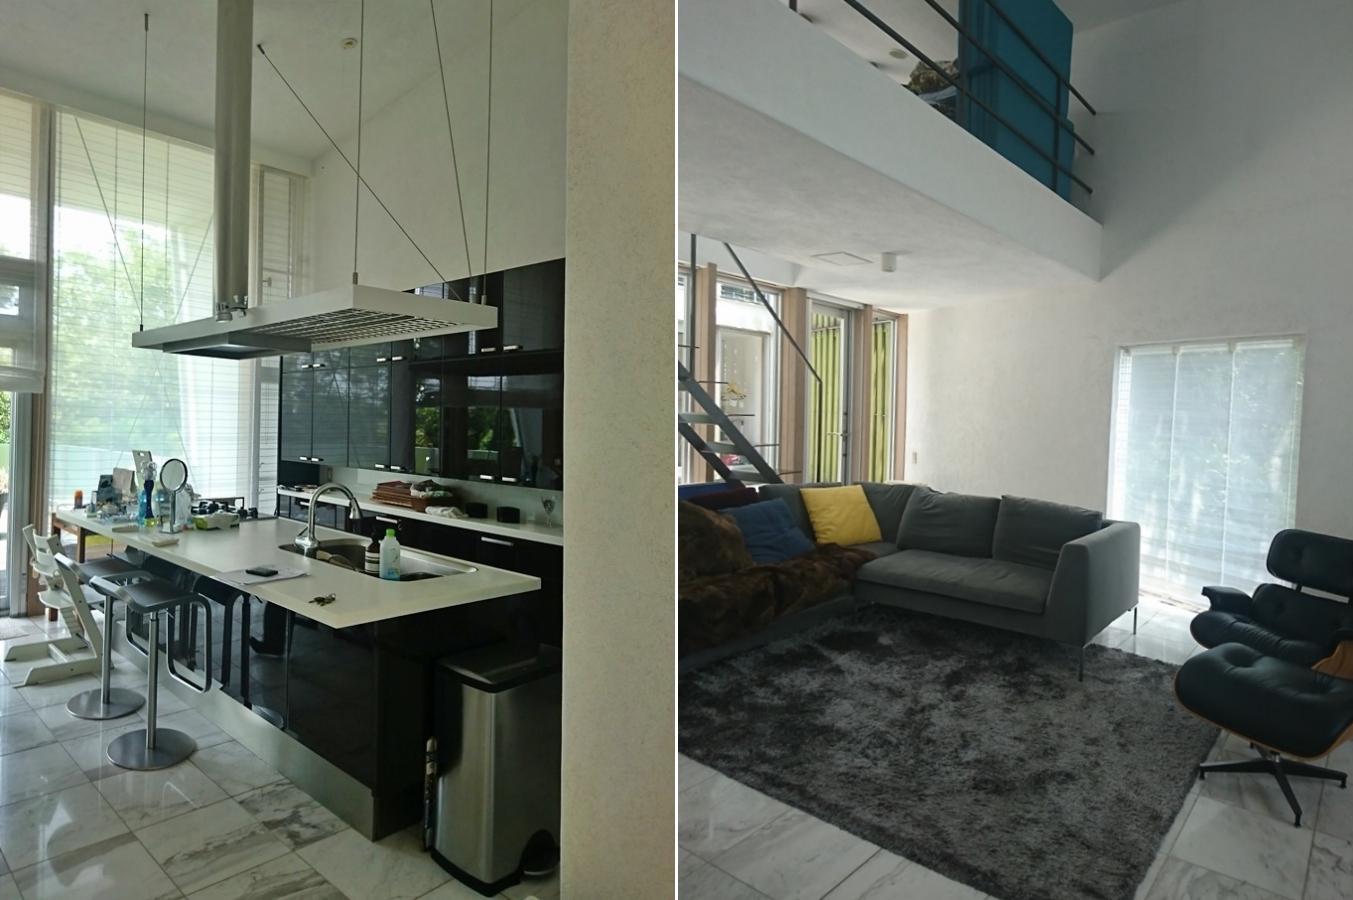 室内|キッチンも品位高く、天井も高い